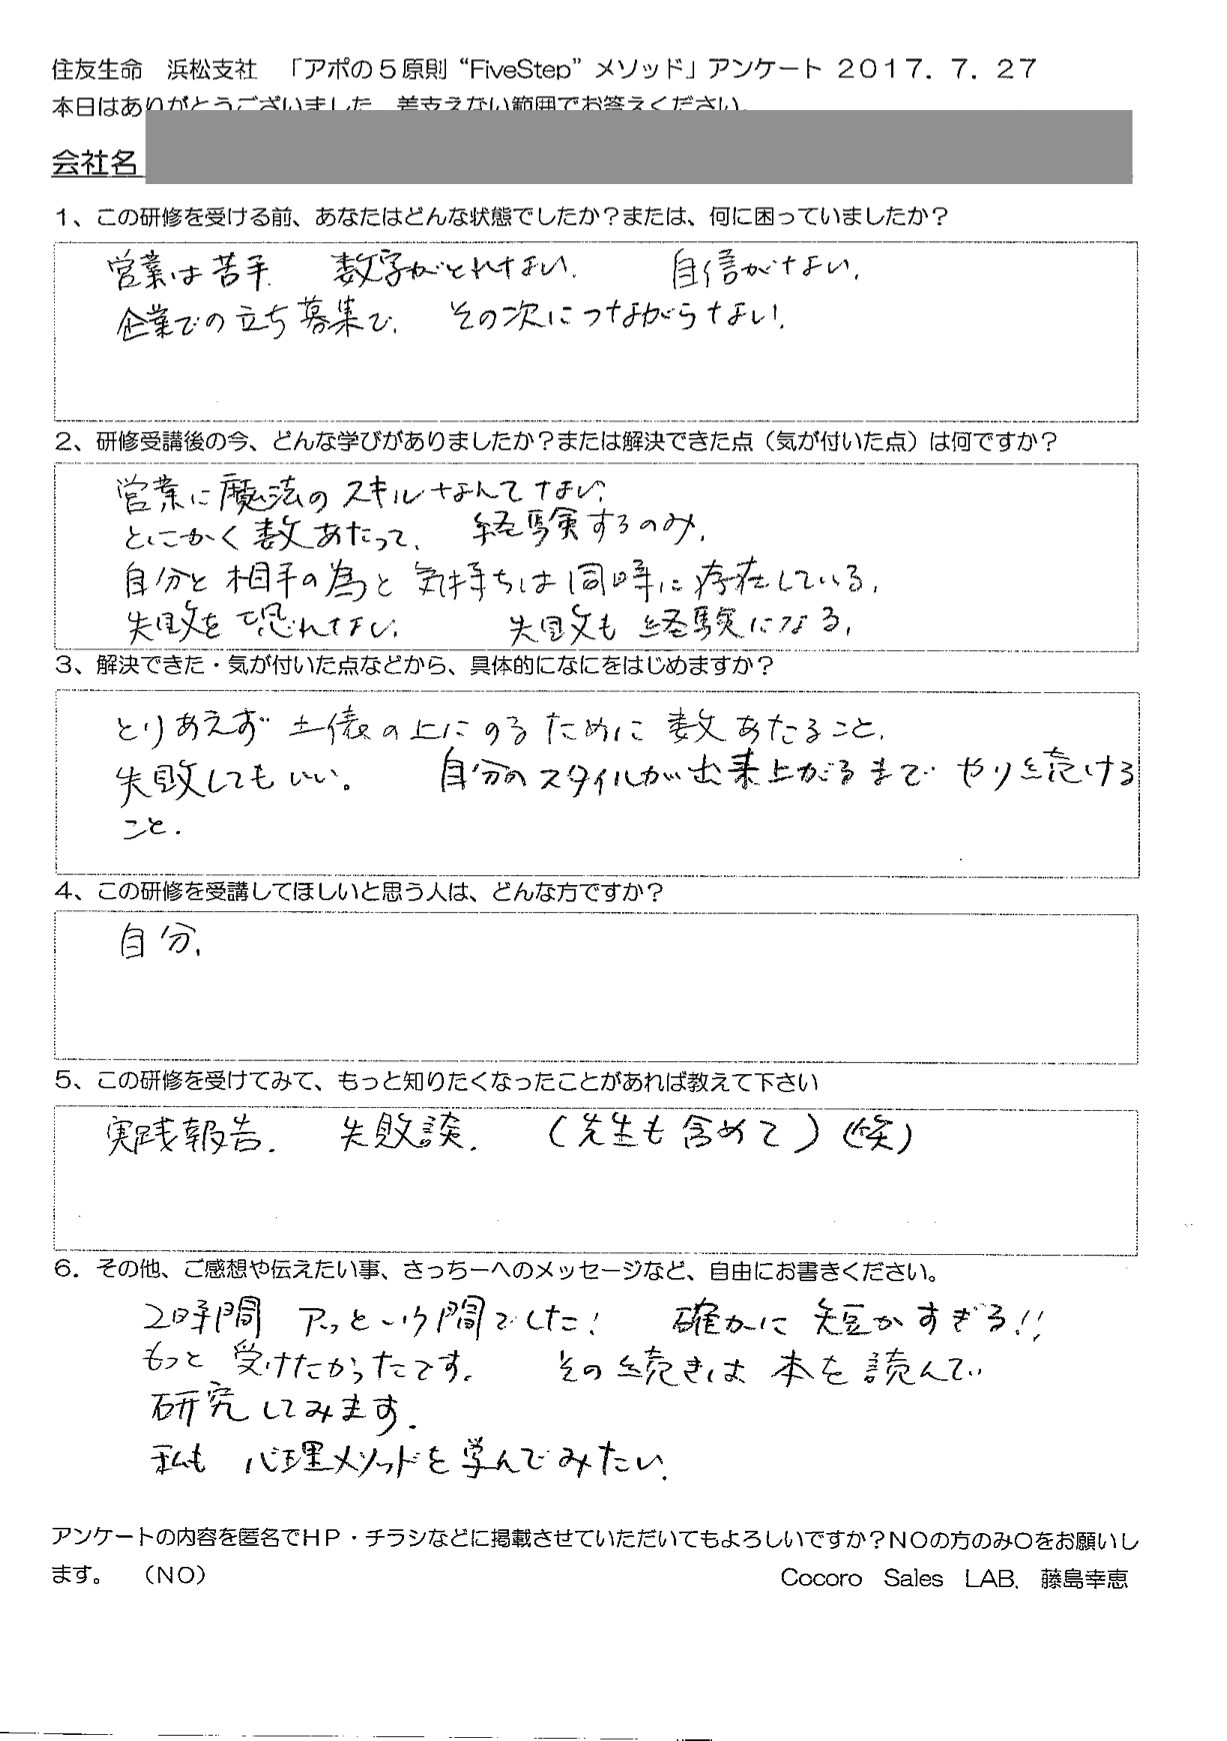 【営業職】住友生命浜松支社様「アポの5原則Five-Stepメソッド」アンケート4